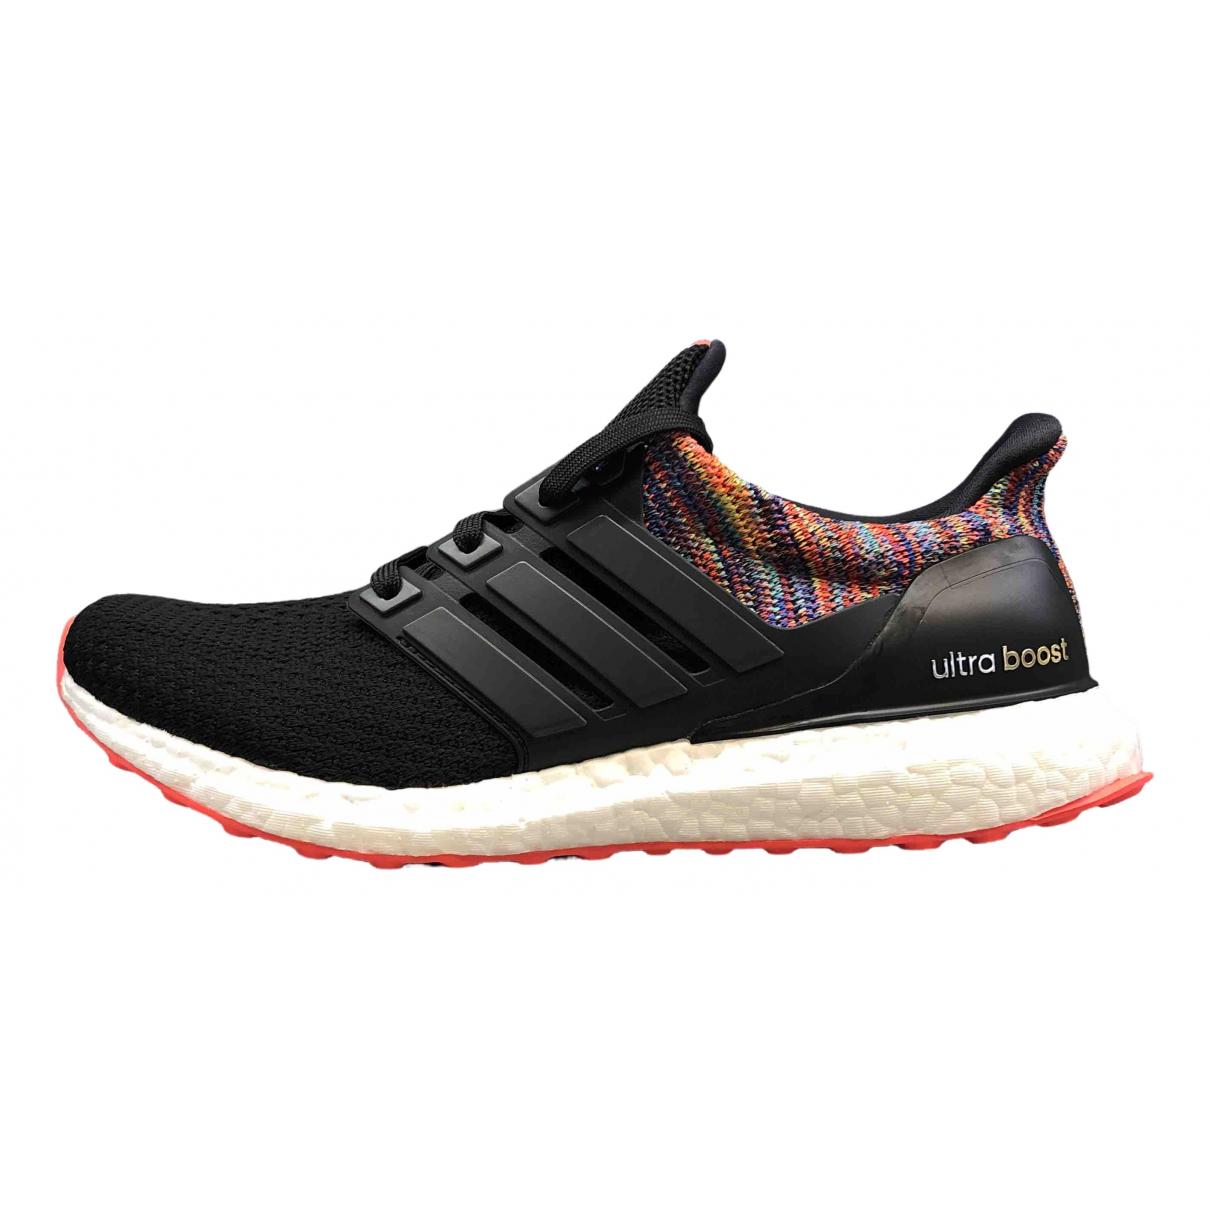 Adidas - Baskets Ultraboost pour homme en toile - noir